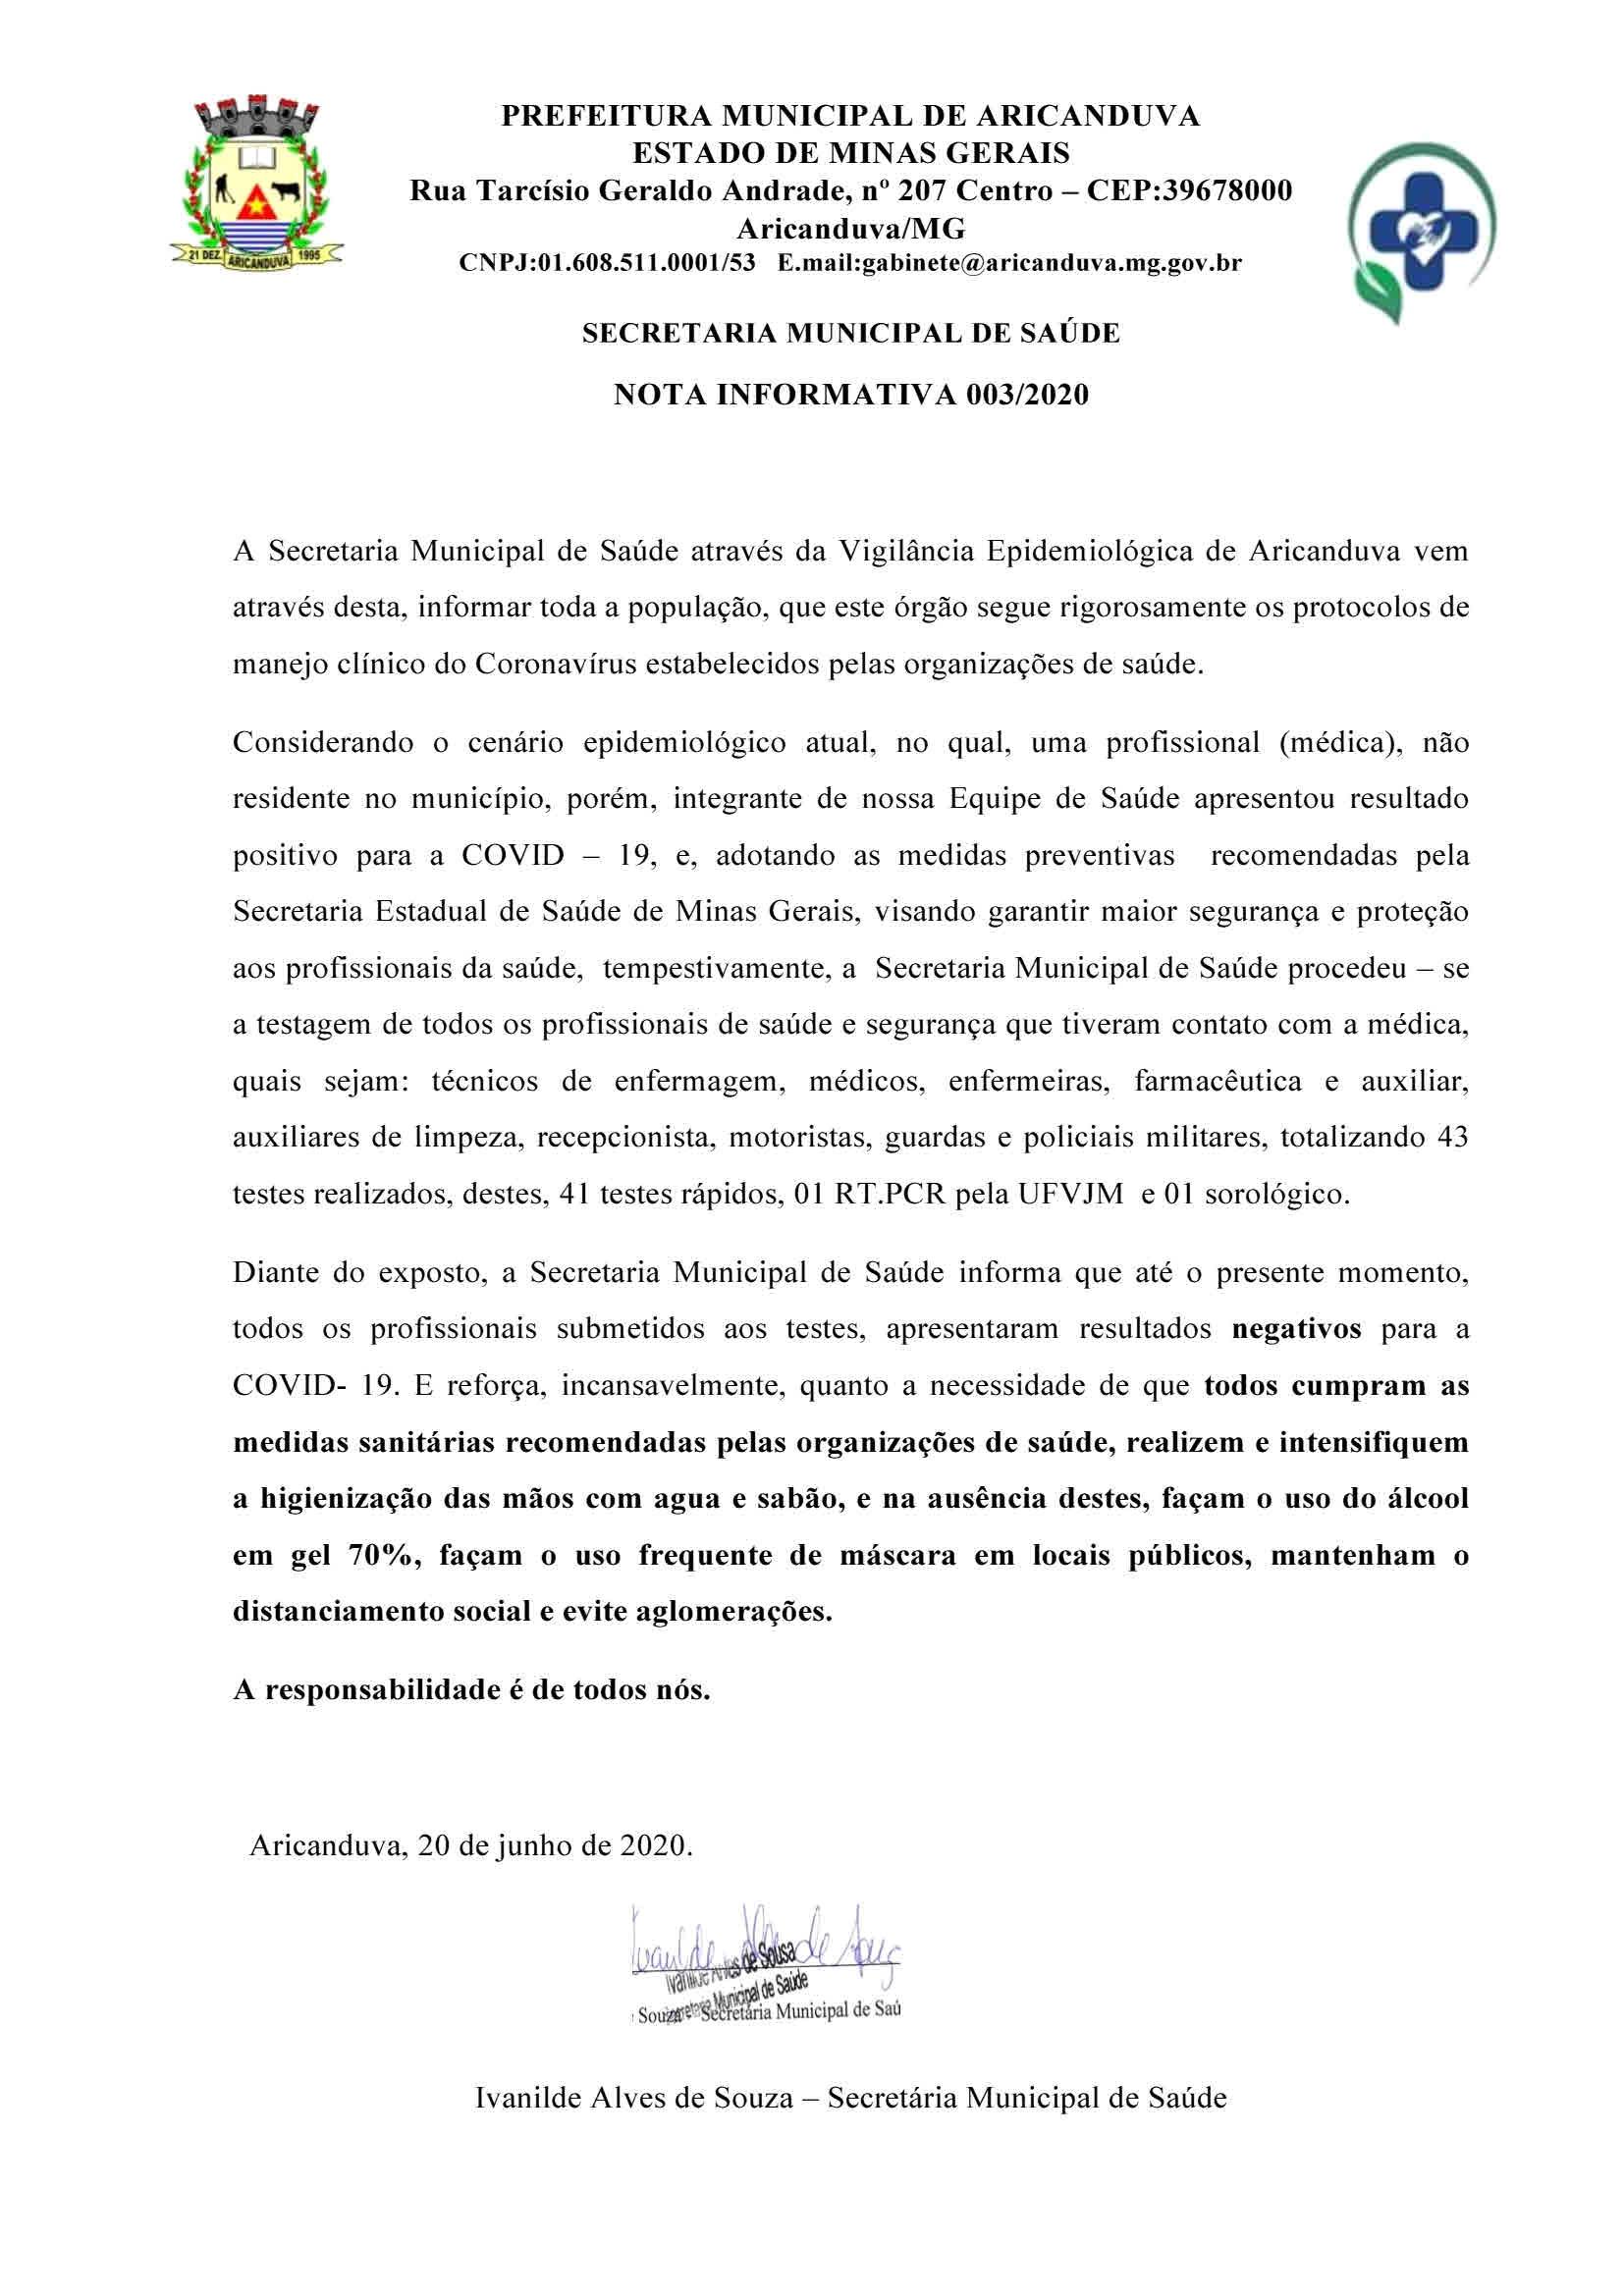 NOTA INFORMATIVA 003/2020 DA SECRETARIA DE SAÚDE